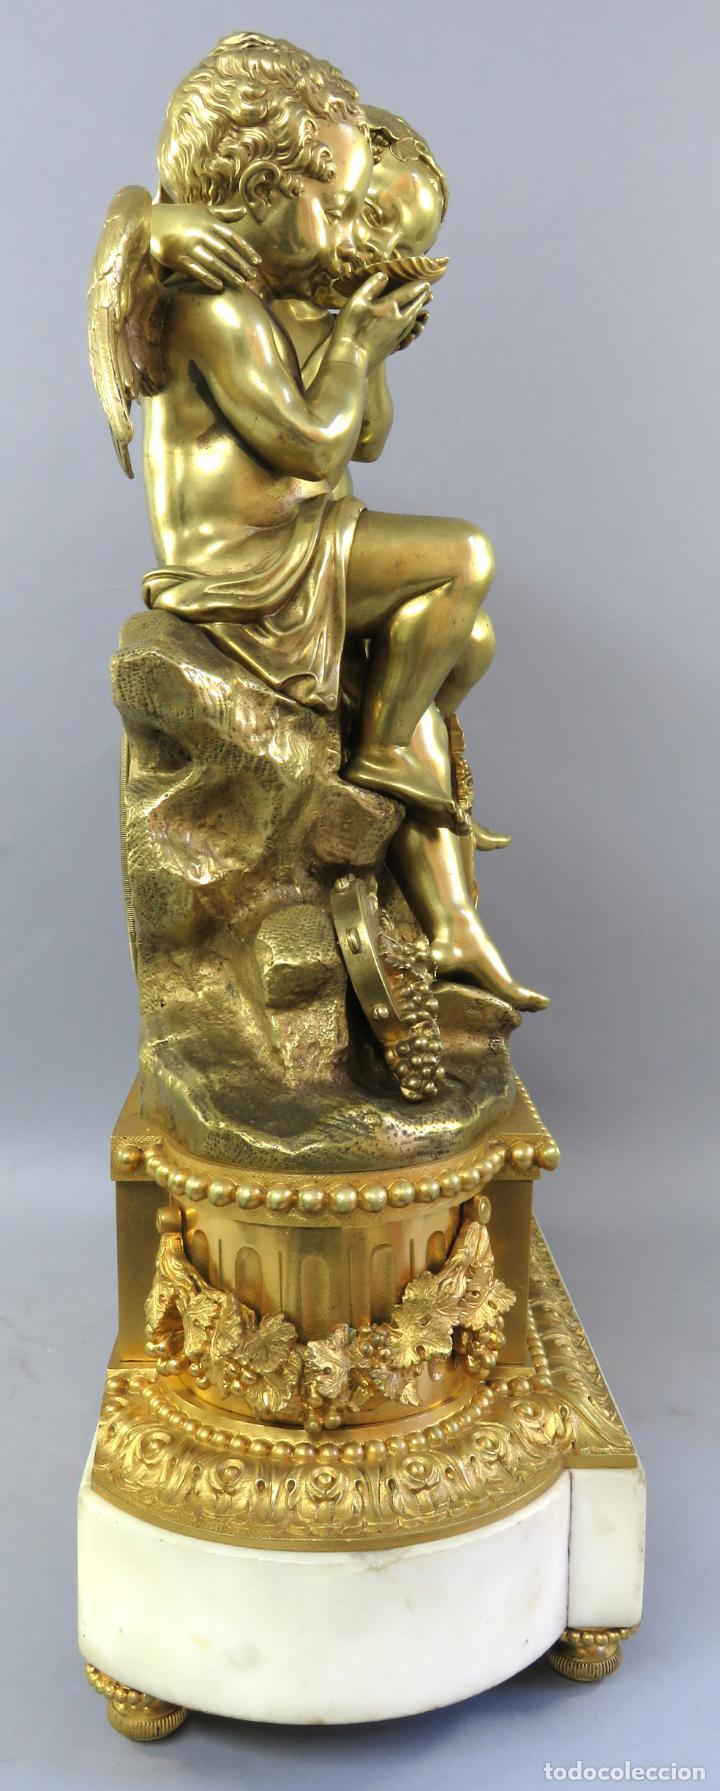 Relojes de carga manual: Reloj de sobremesa Napoleón III de cupidos en bronce dorado París porcelana Francia siglo XIX - Foto 14 - 218098693